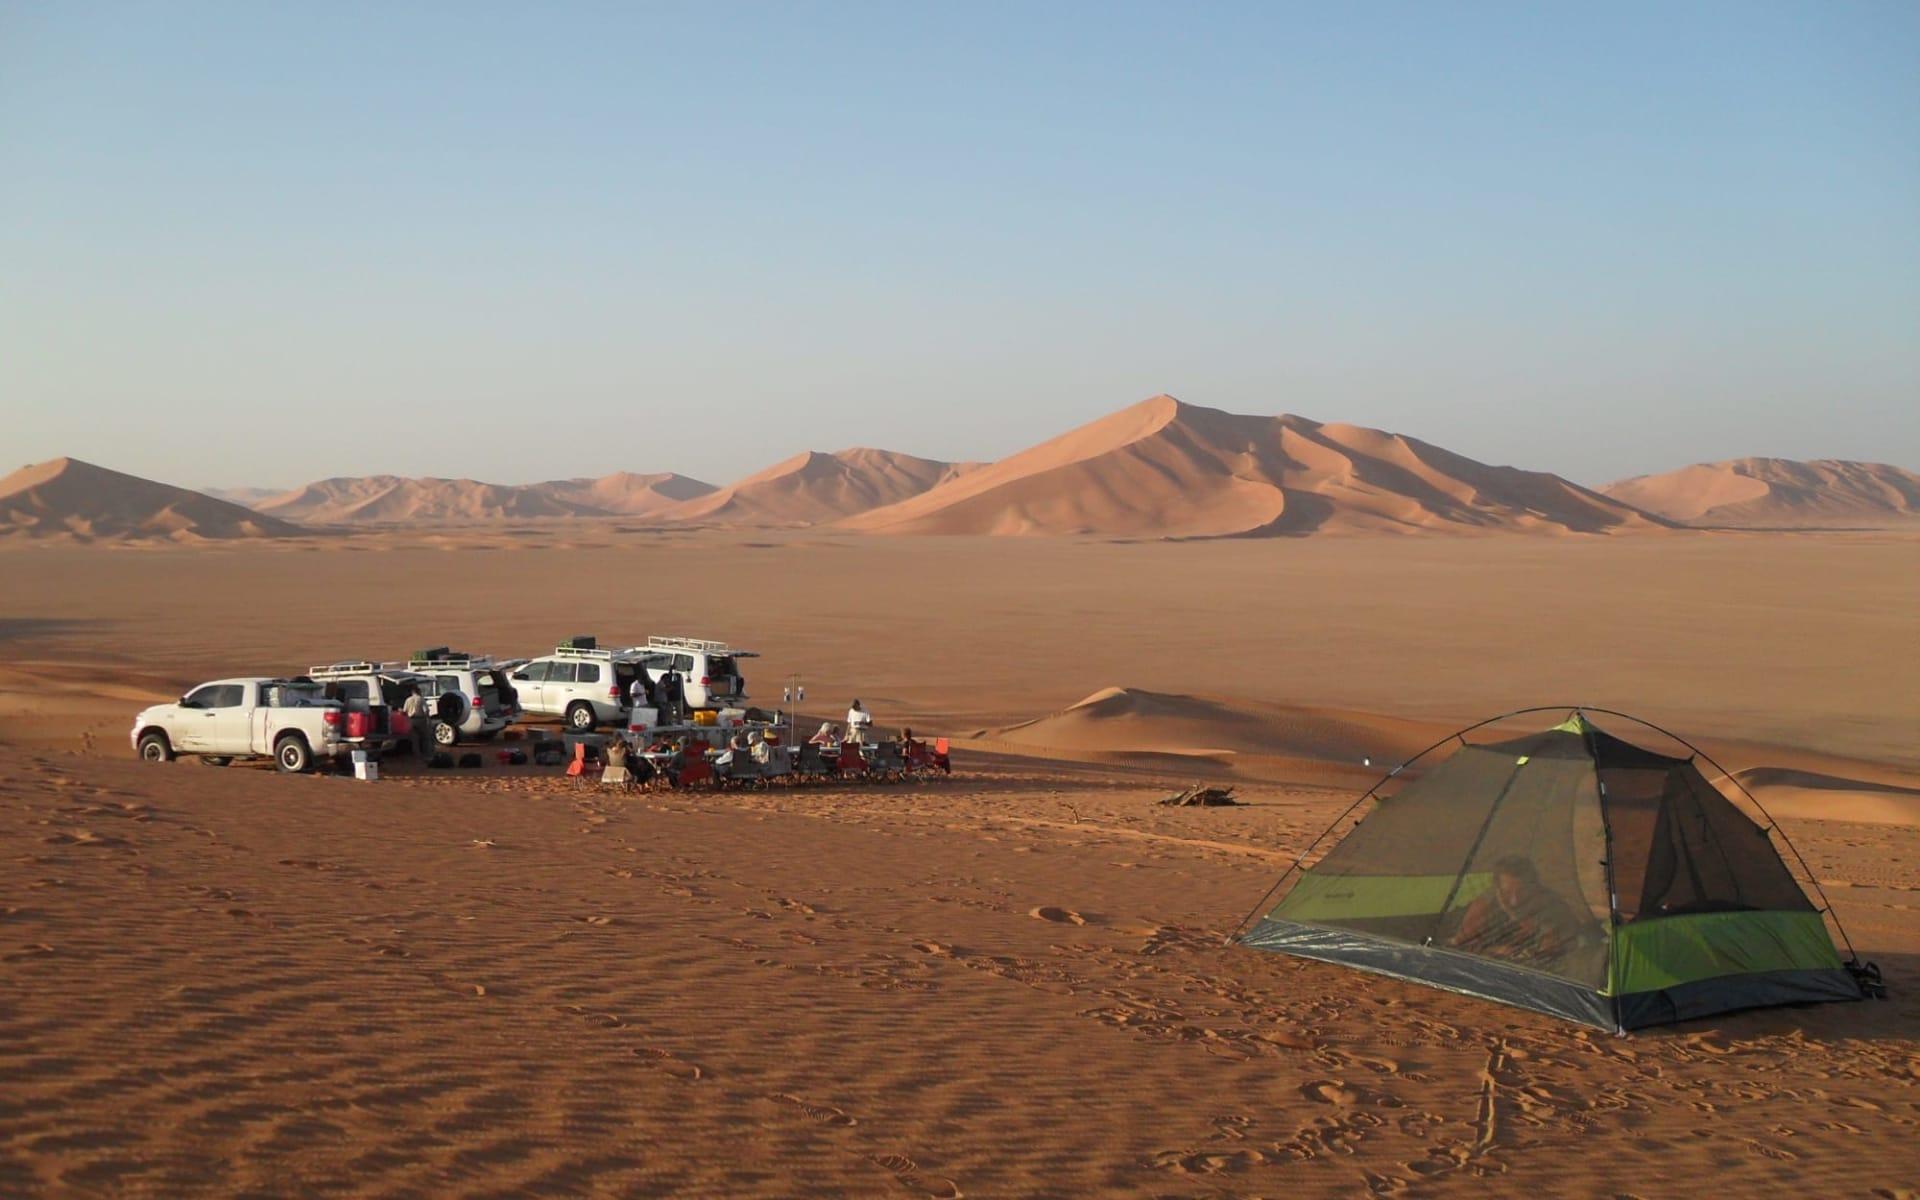 Auf den Spuren der alten Weihrauchroute ab Salalah: Oman Camping in the desert